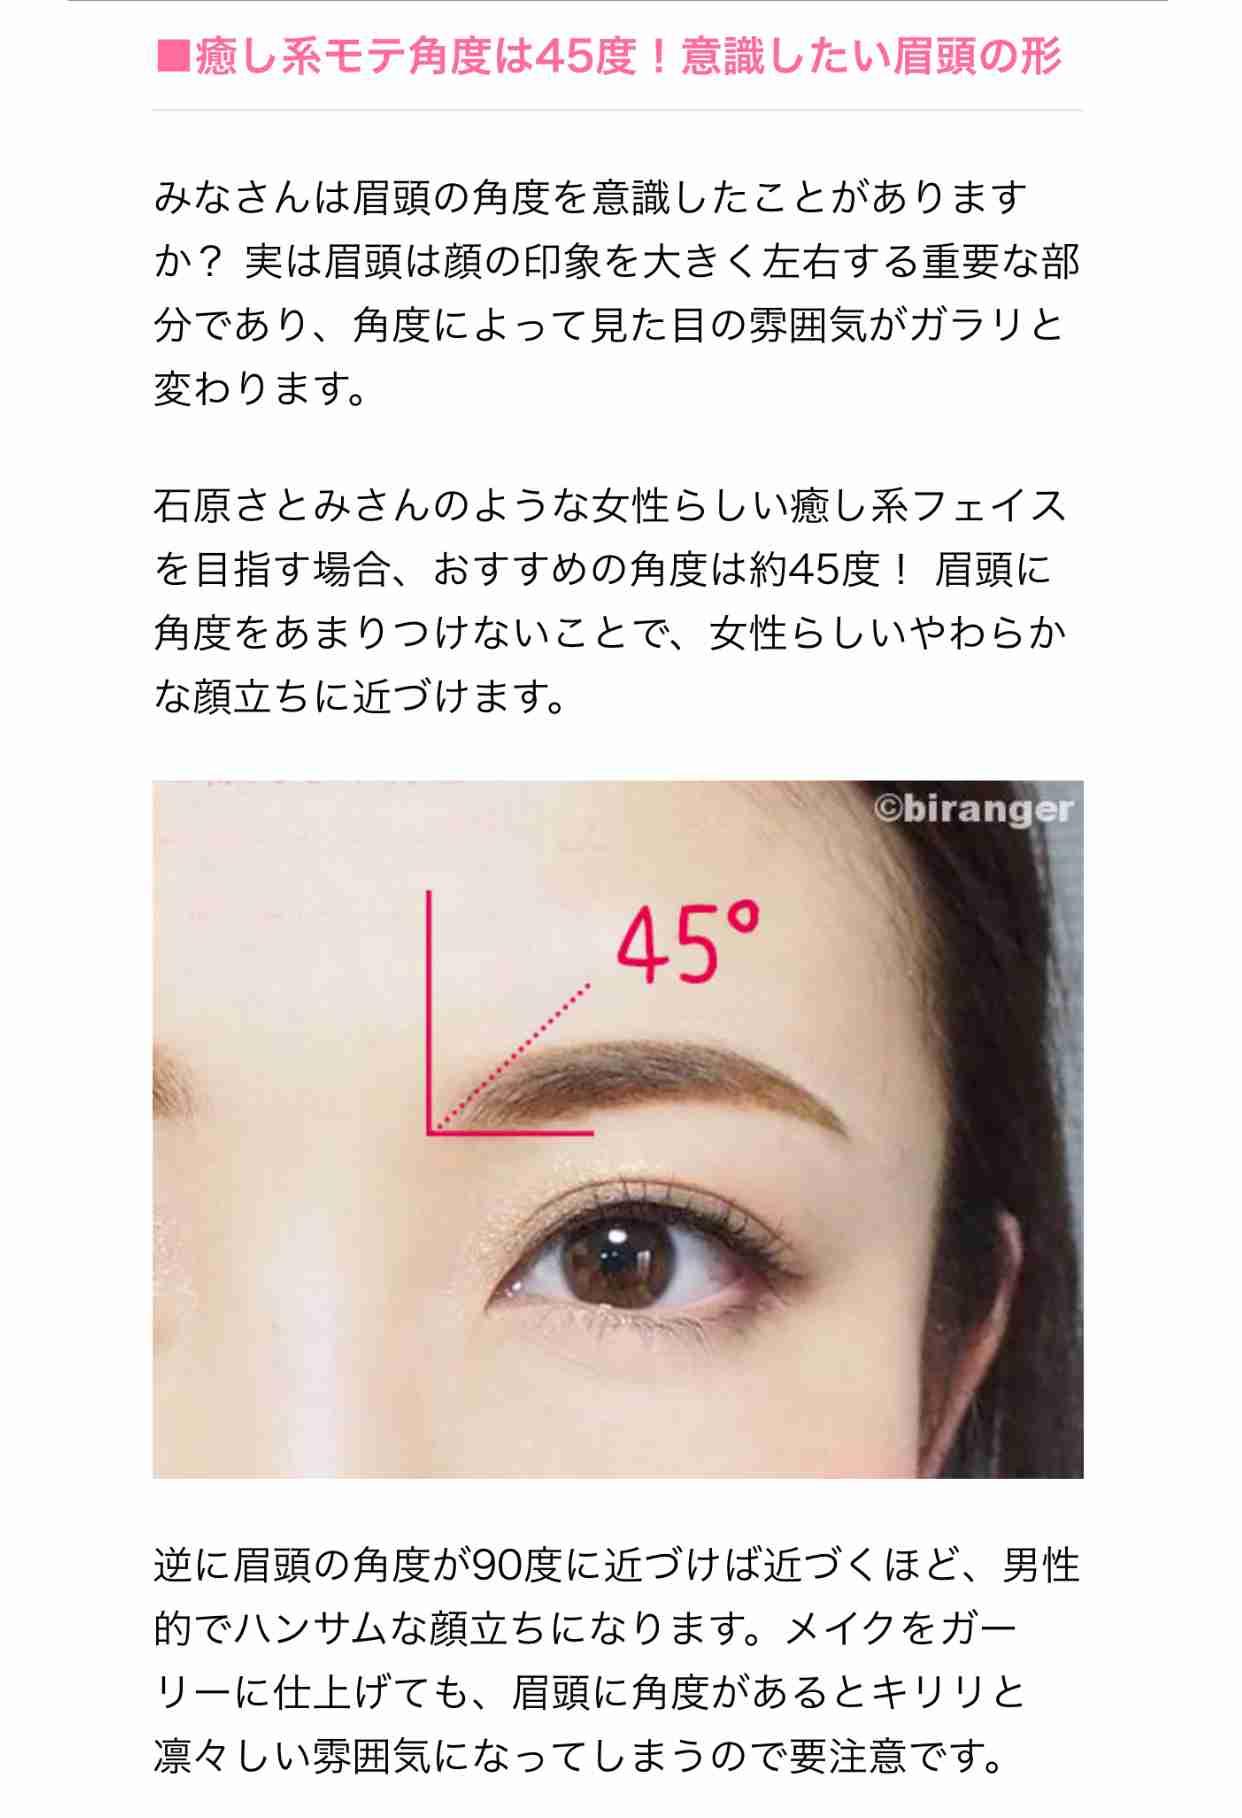 眉毛を自然に綺麗に書ける方法を教えて下さい!!